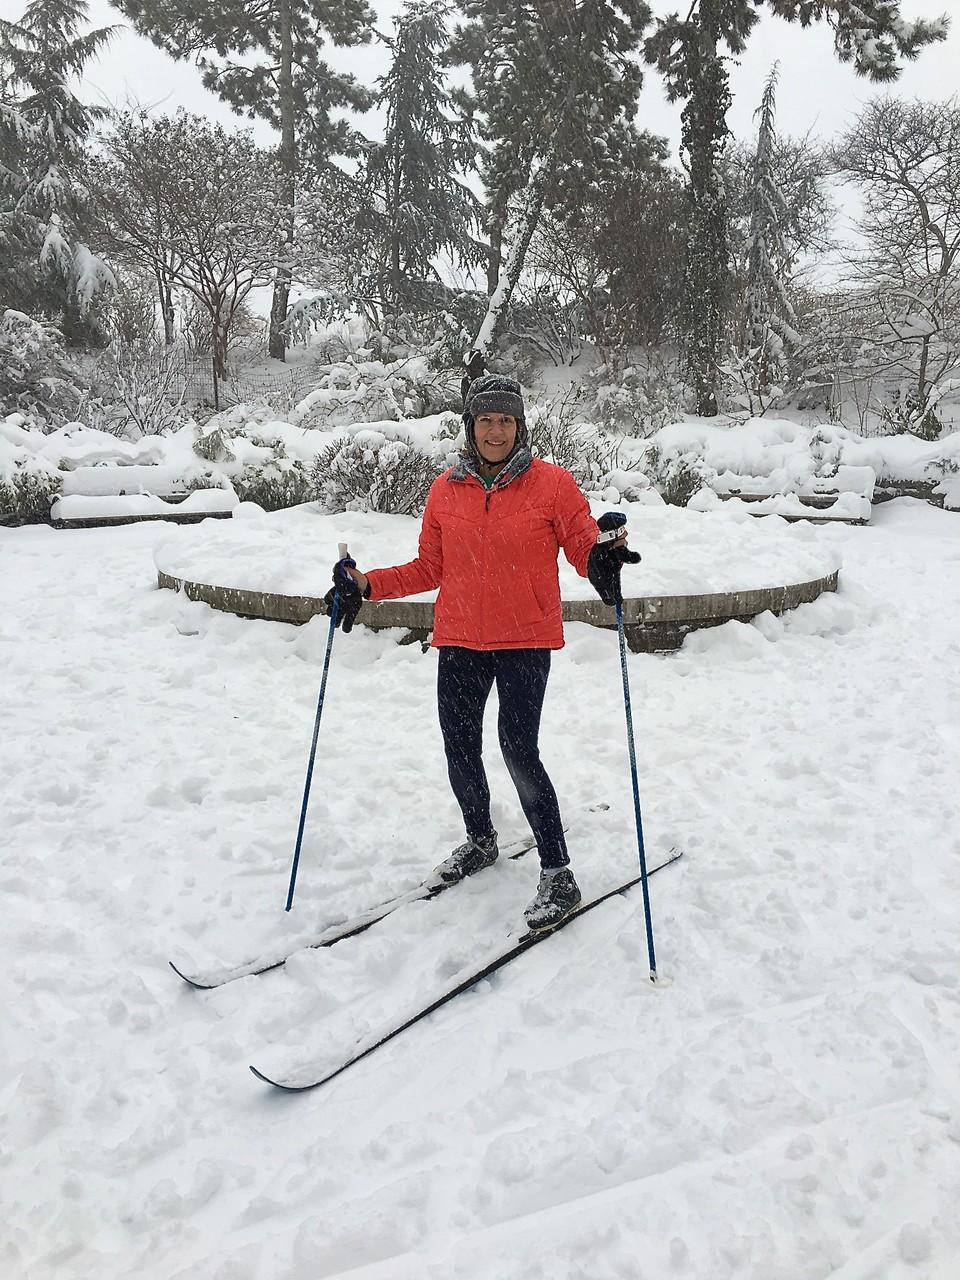 Lorraine skiing in Carl Schurz Park